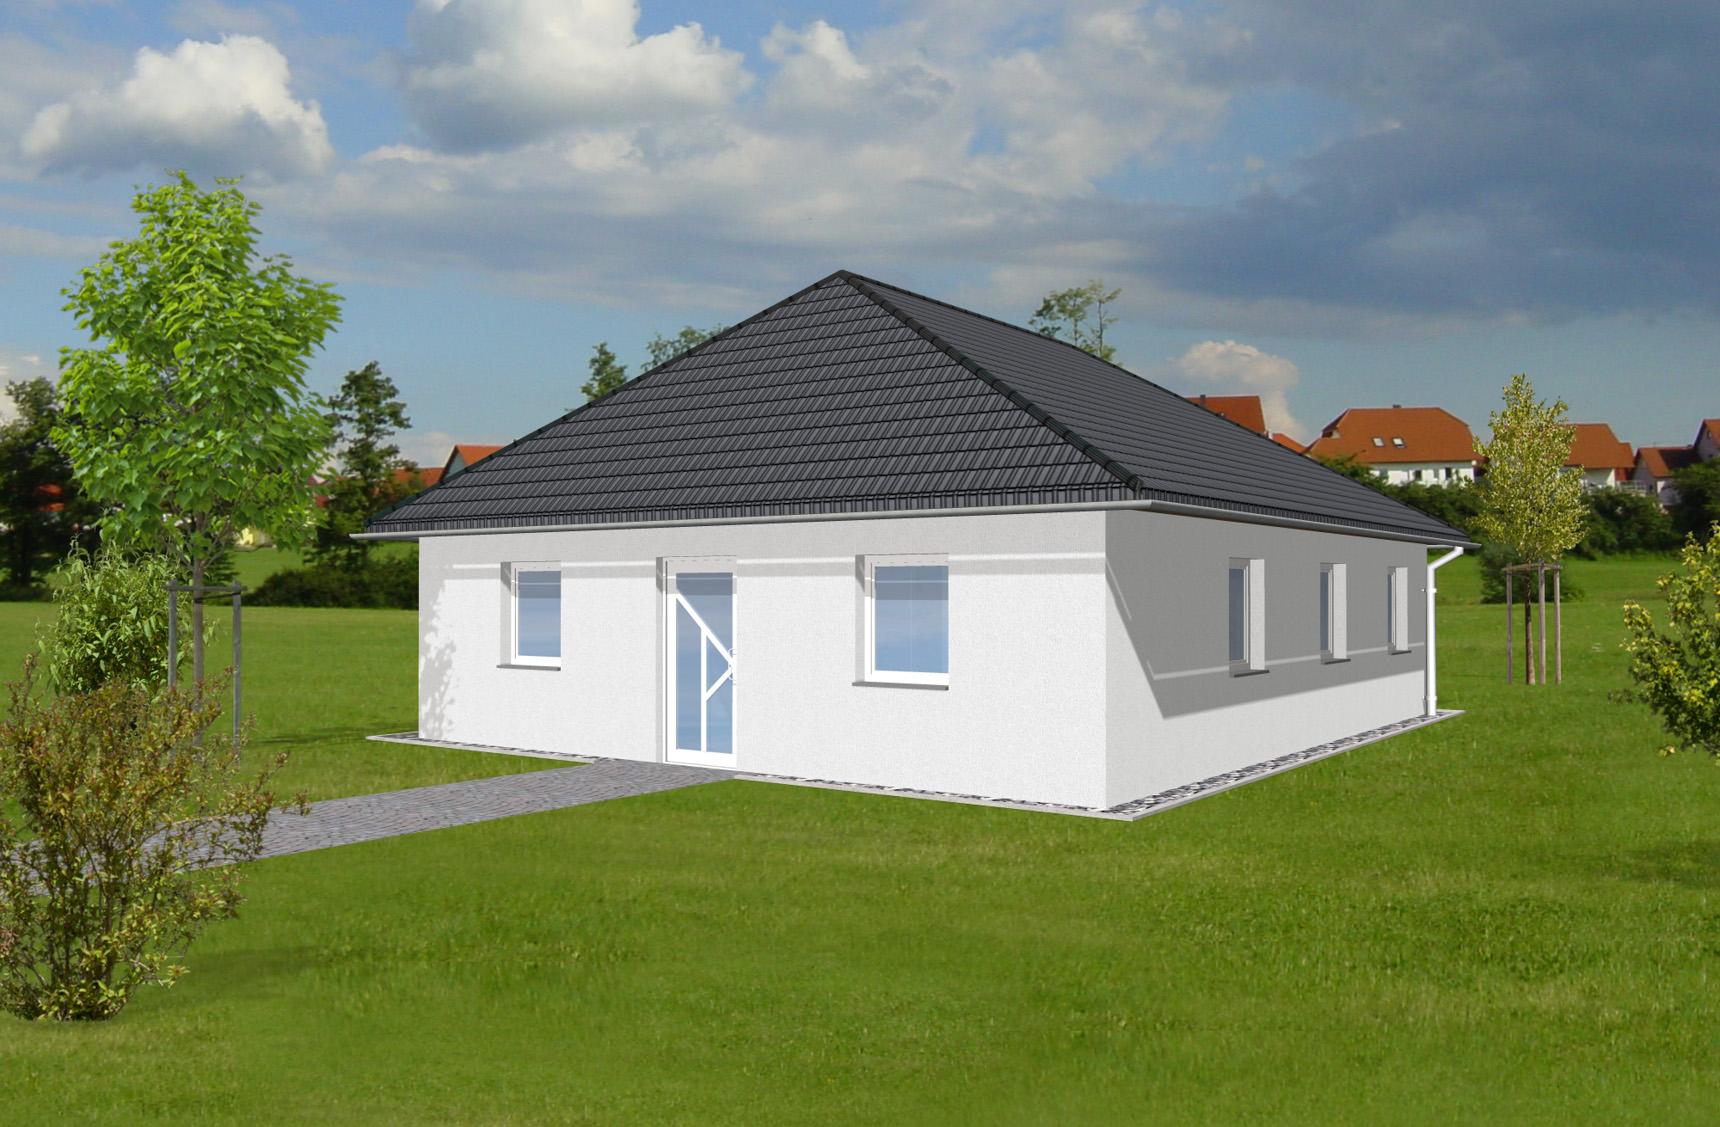 Typenhaus Rigel - ALG Massivhaus GmbH Eingangsansicht